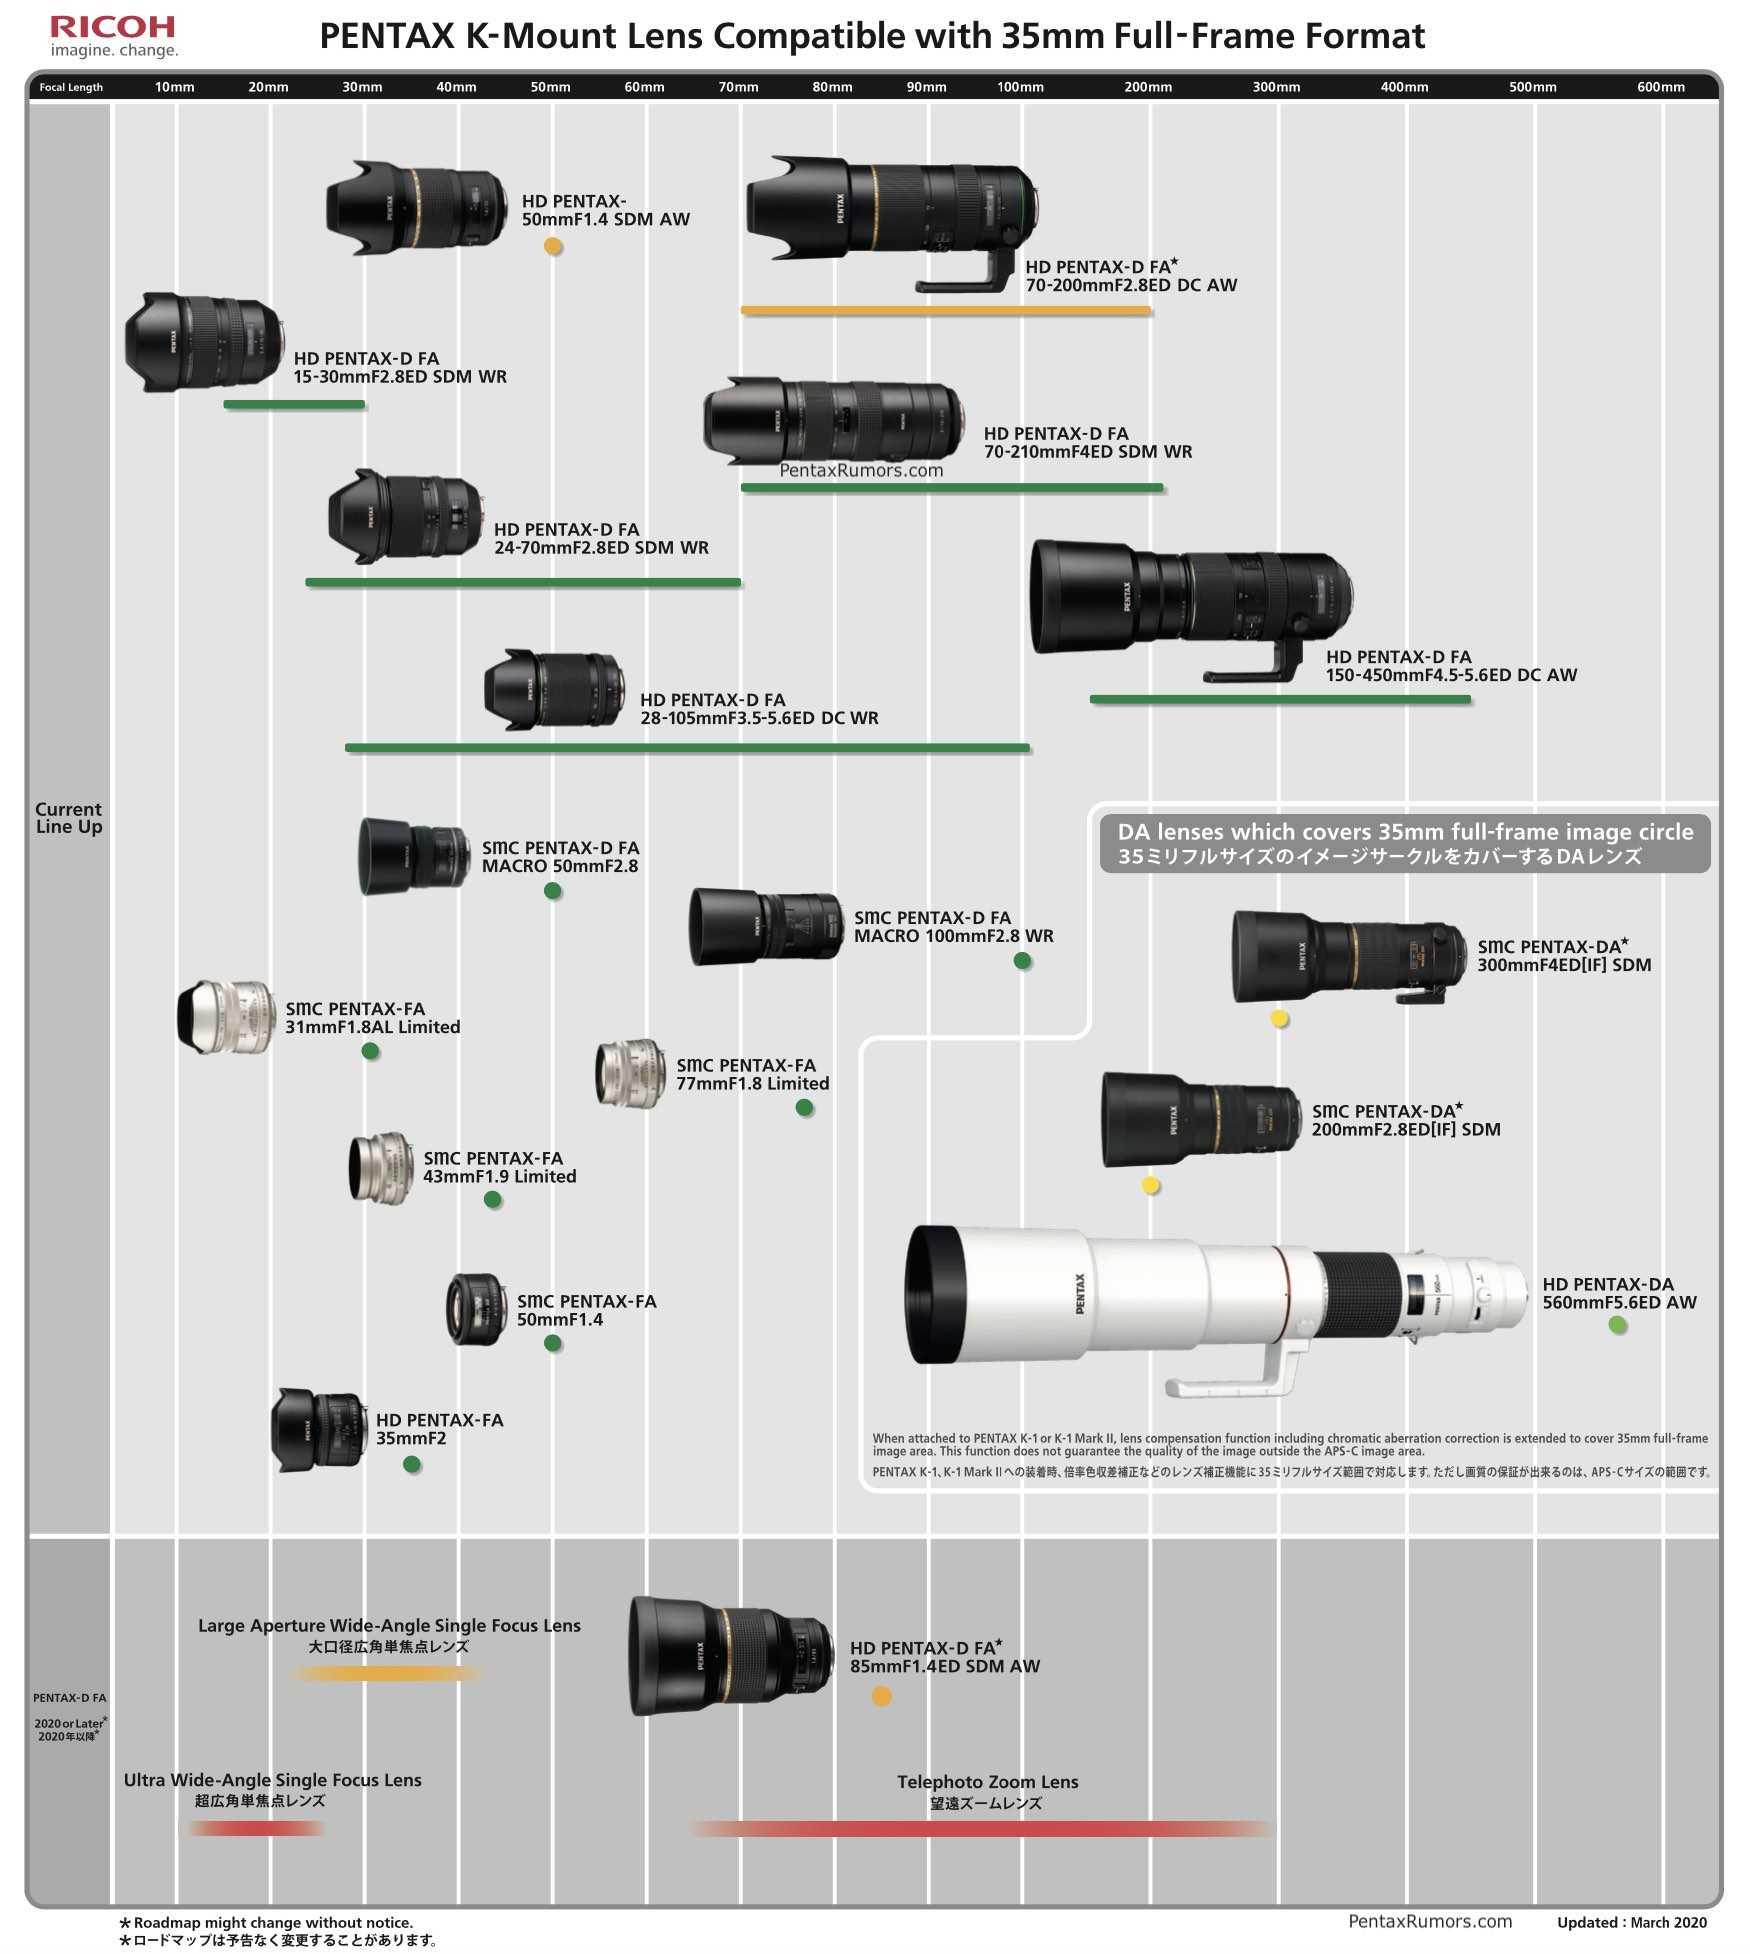 Прогноз ceo компании canon: к концу 2020 года рынок беззеркальных фотокамер сократится на 50% / системные камеры / новости фототехники